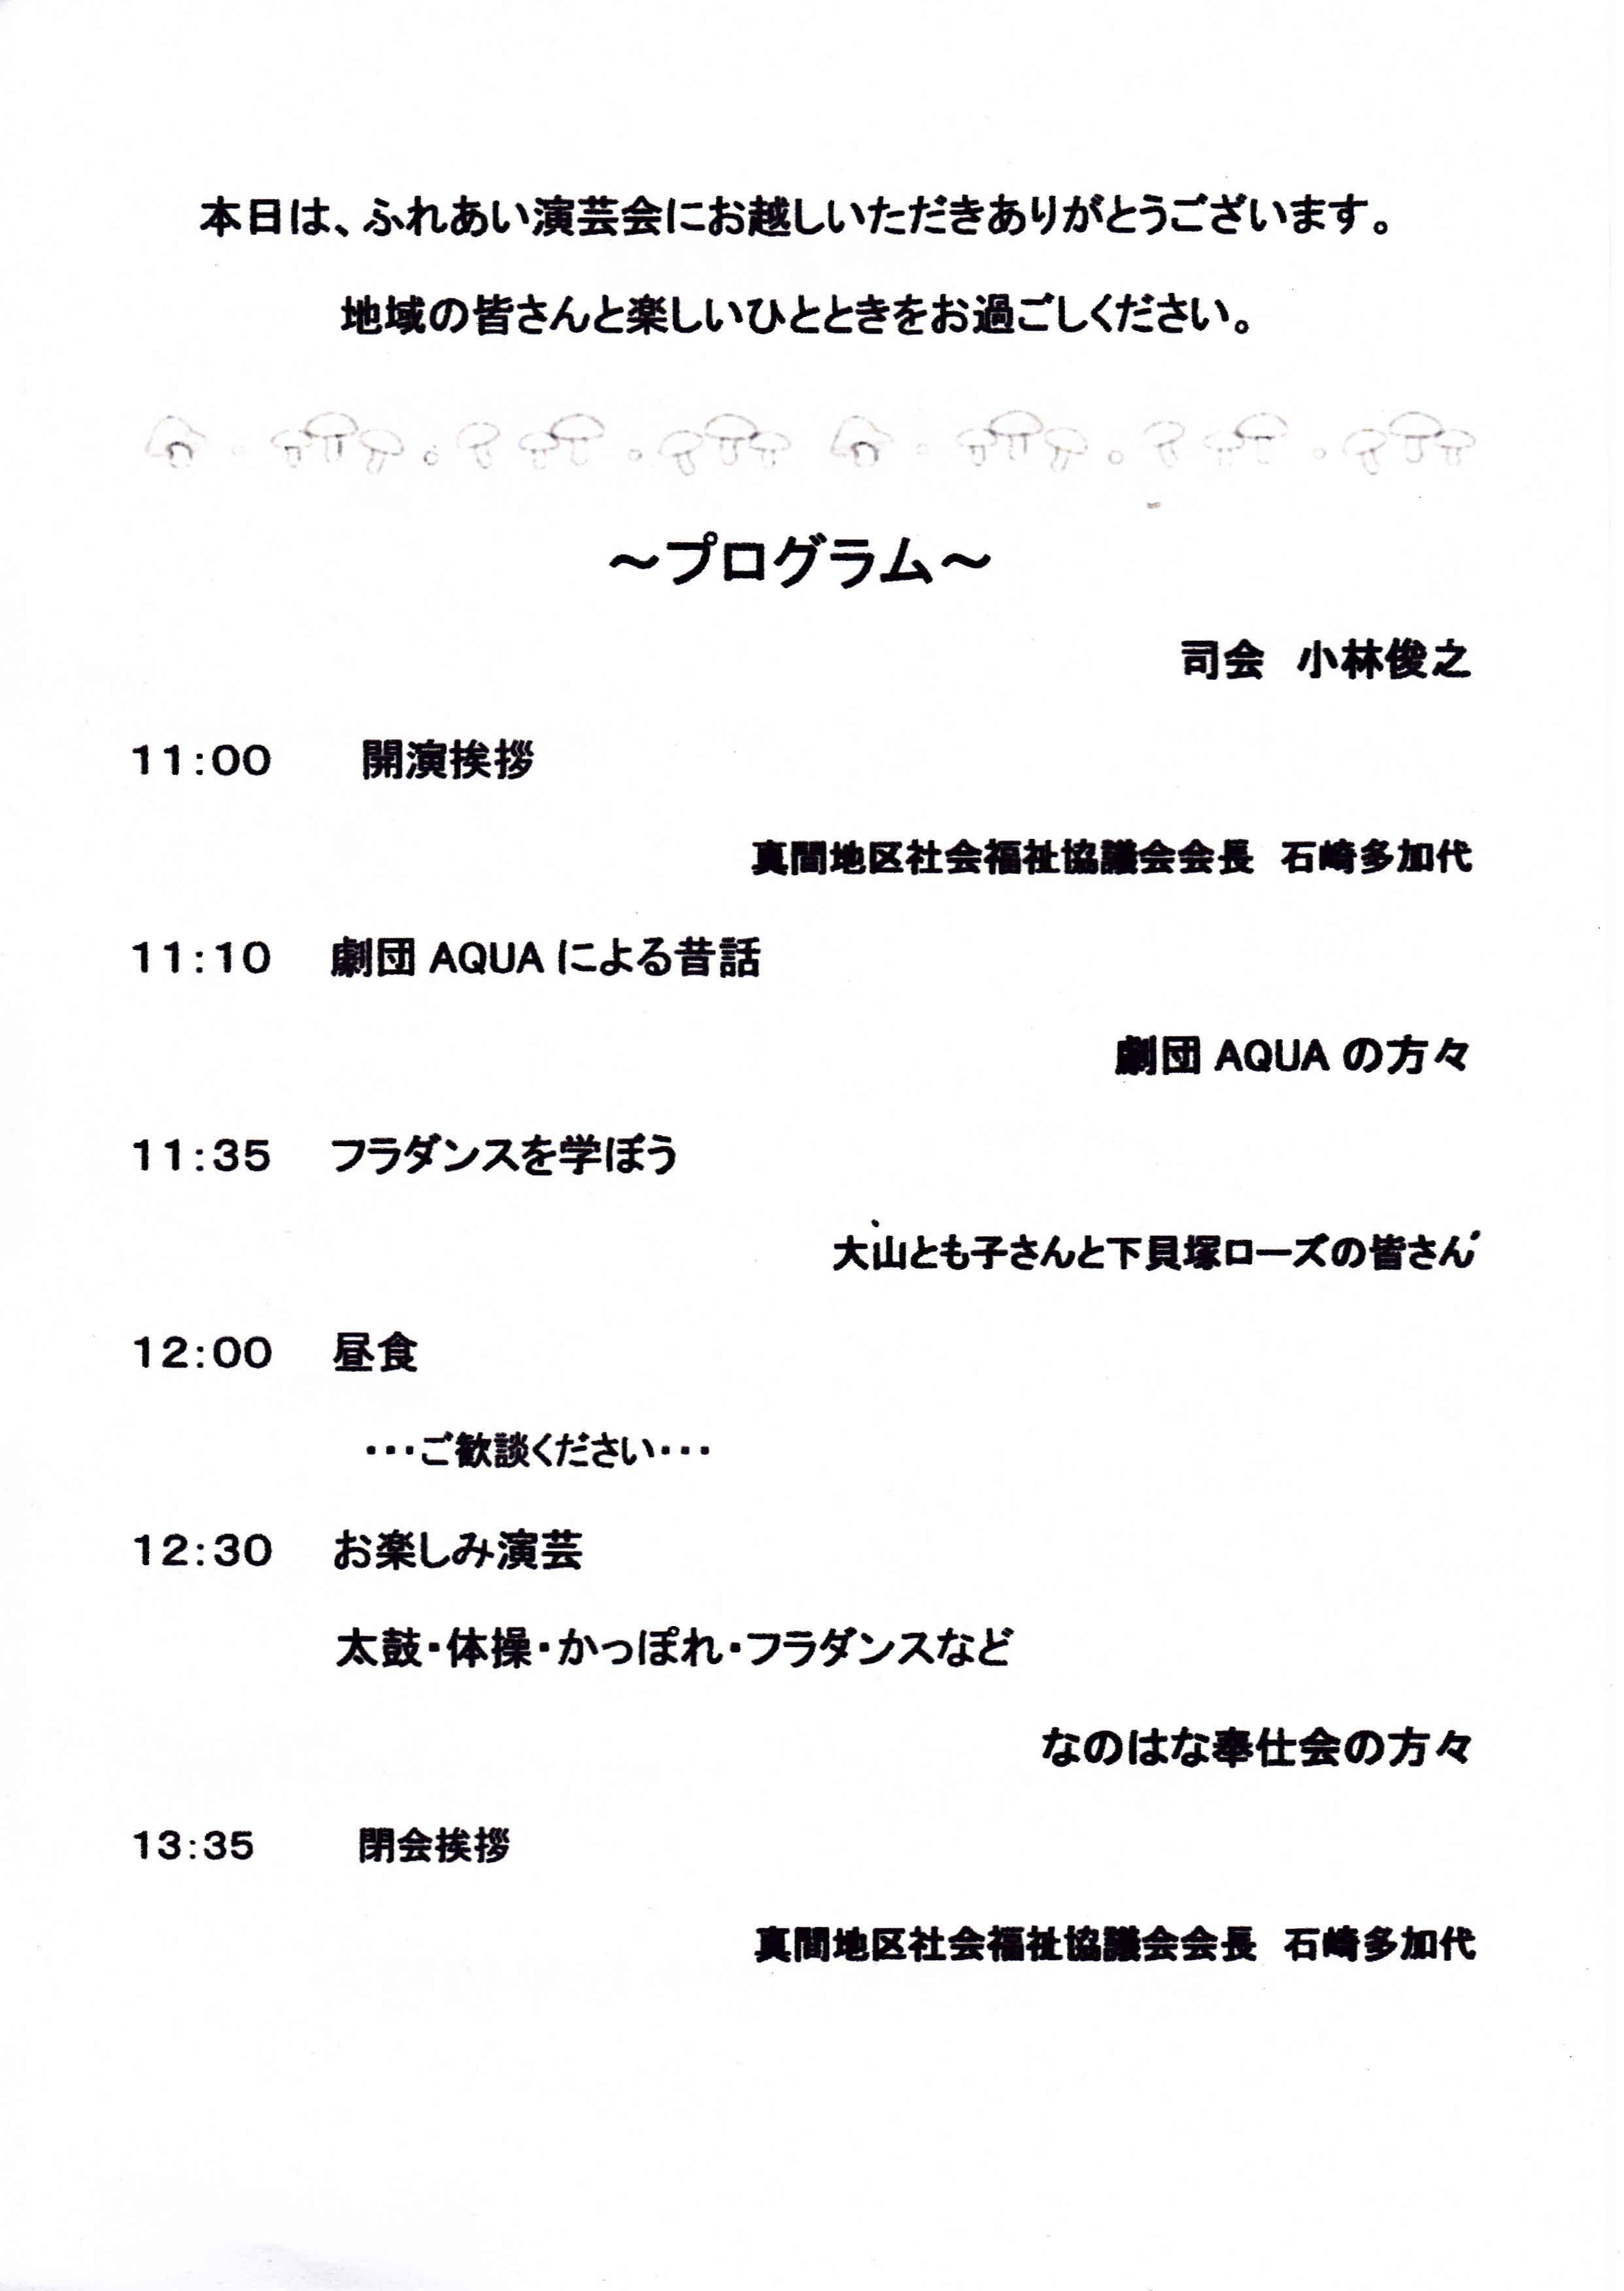 20181021社協_0001